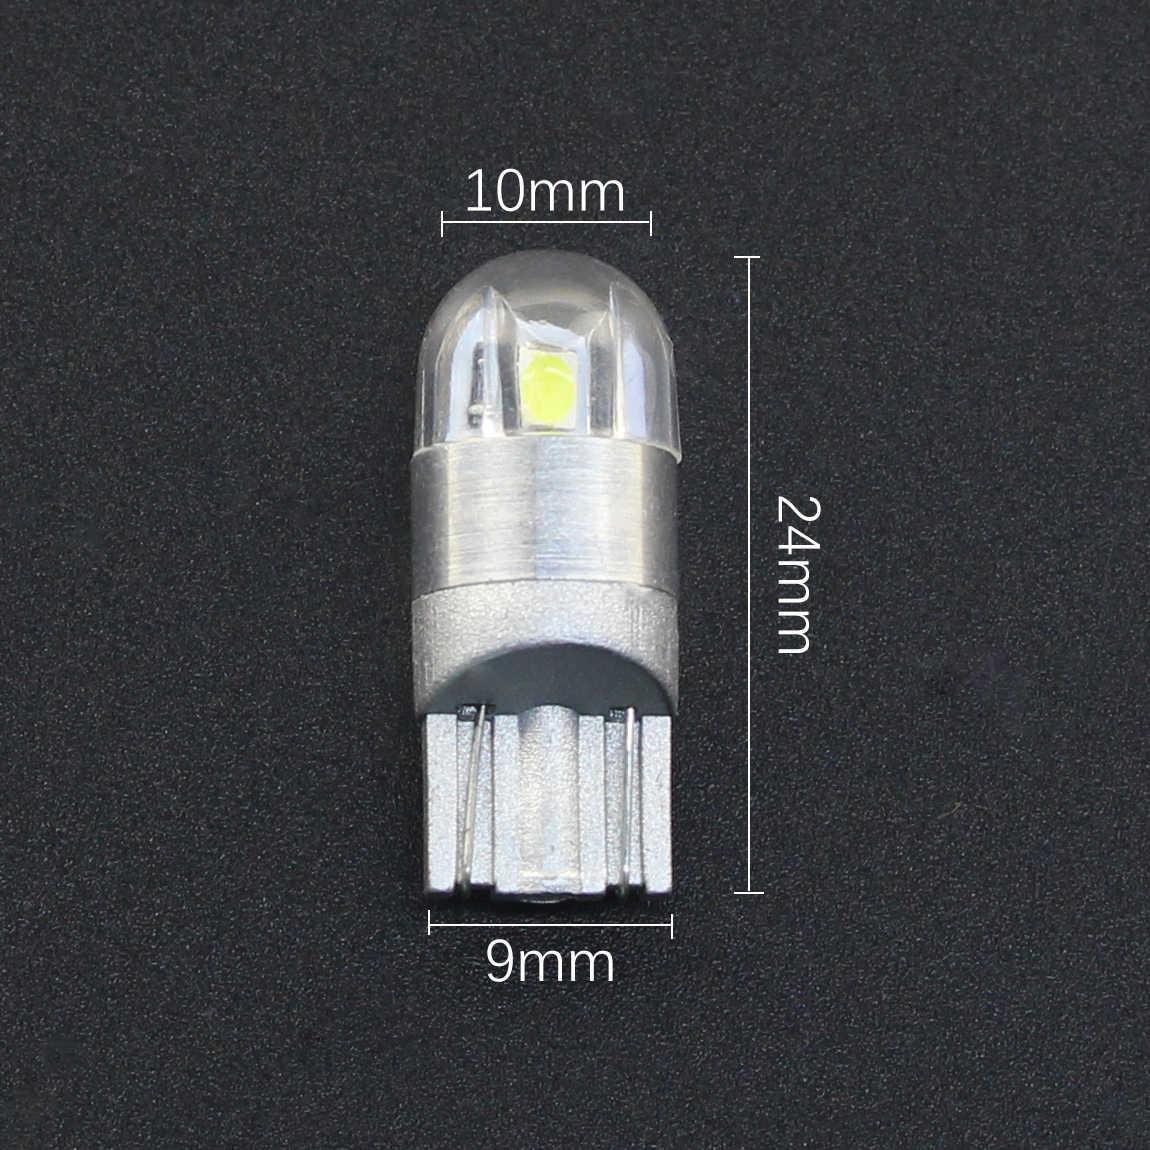 DXZ 1 шт. T10 светодиодный w5w 194 168 12V canbus автомобильный интерьерный светильник 3030 2SMD парковочная лампа авто клинообразный зазор лампа для чтения светло-голубой желтый